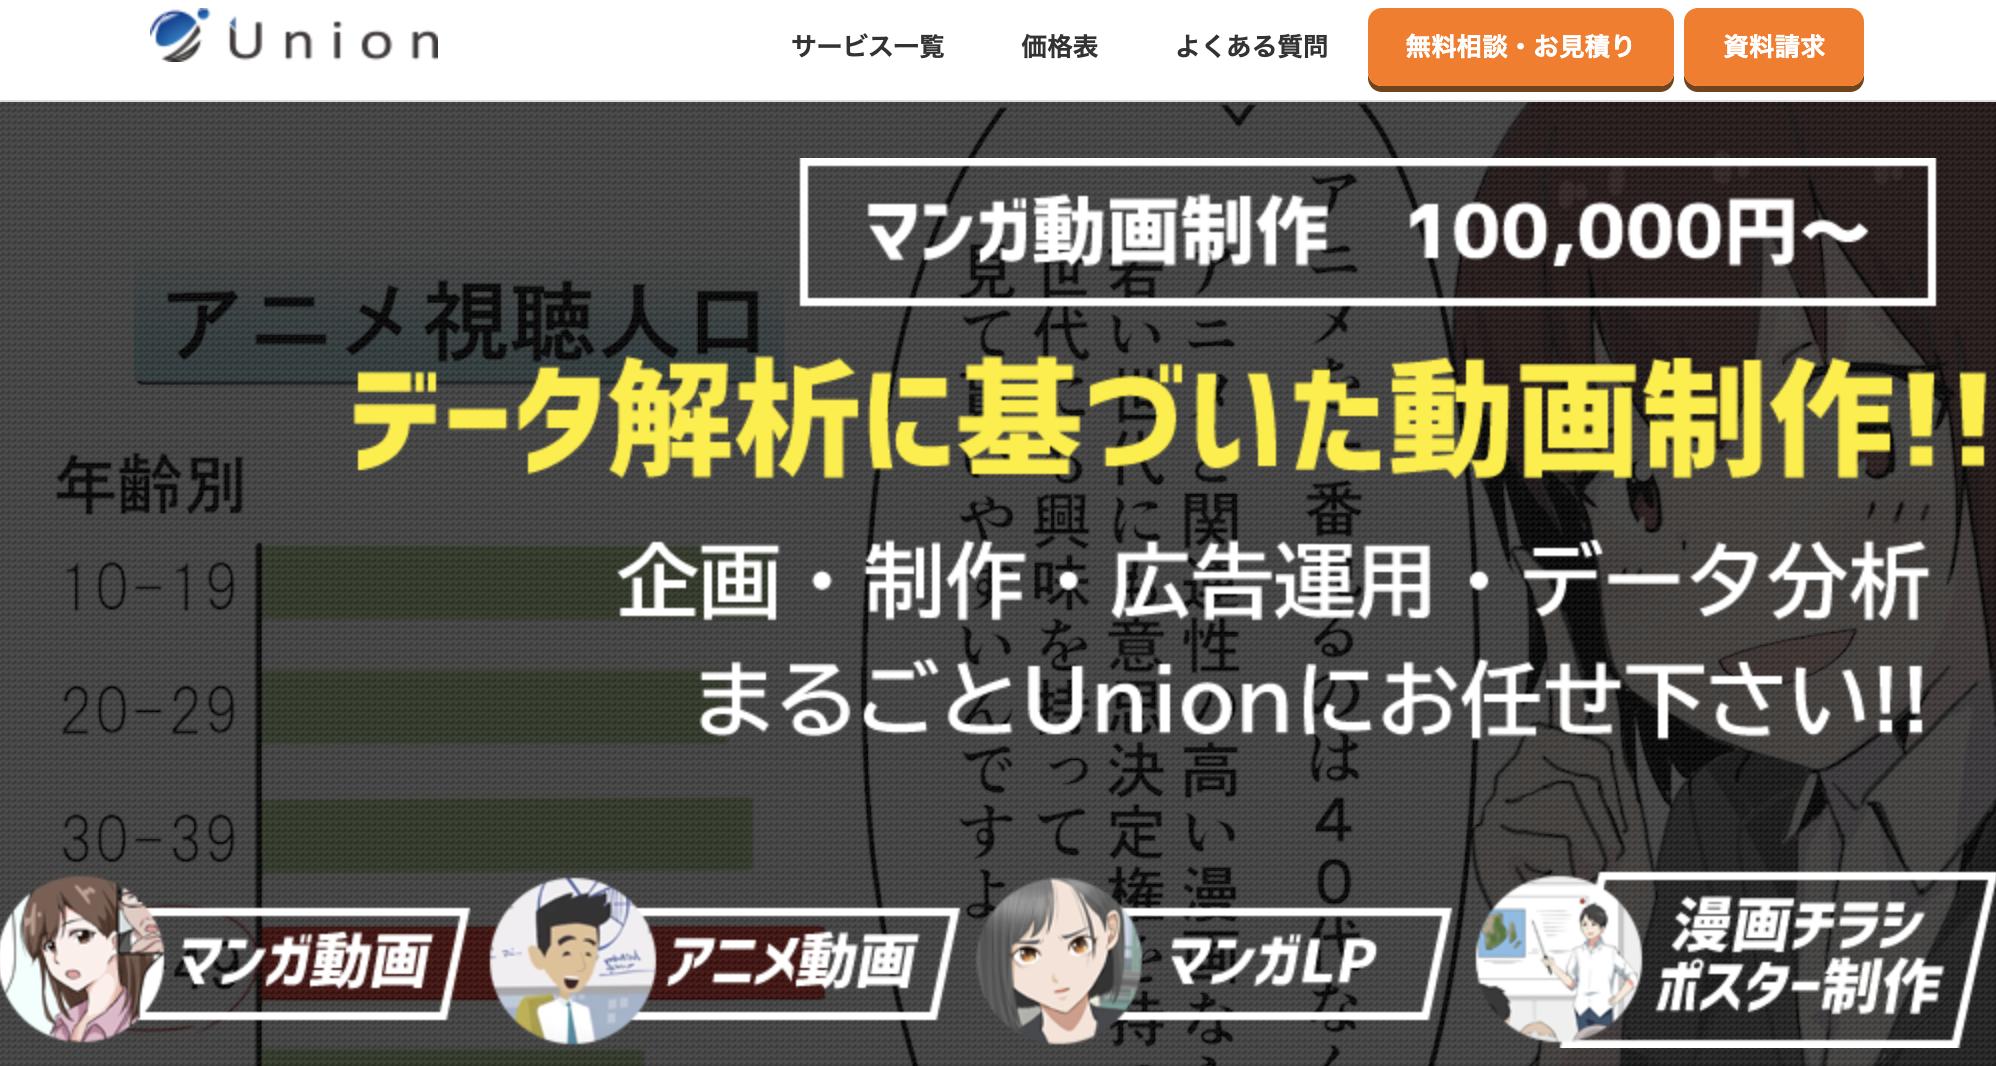 株式会社Union